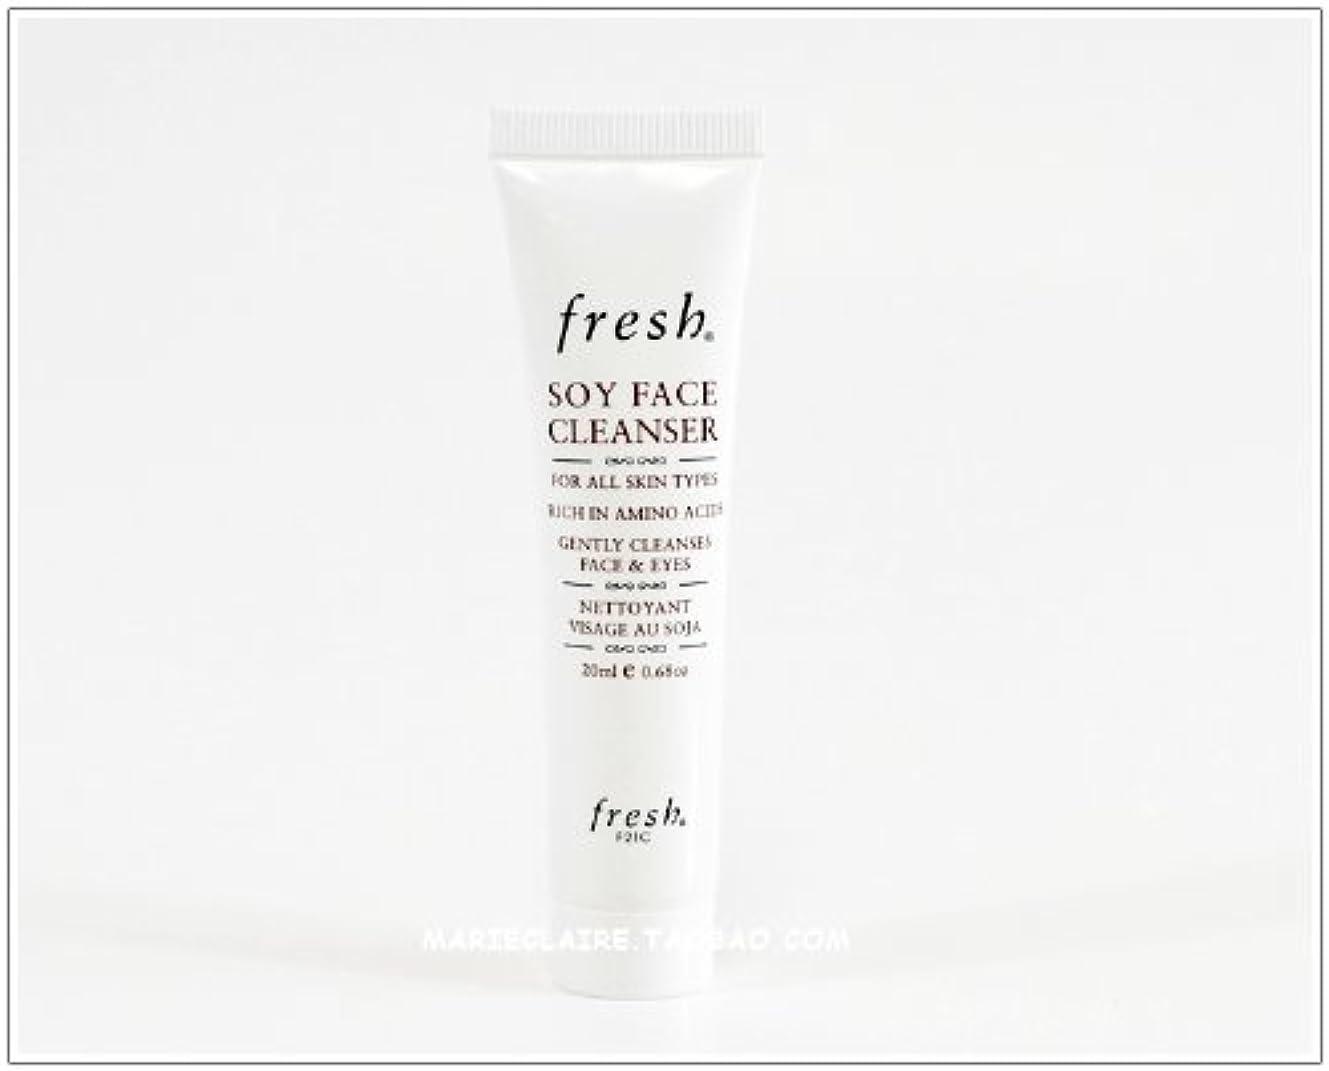 進化展開する発音Fresh SOY FACE CLEANSER (フレッシュ ソイ フェイス クレンザー) 0.6 oz (20ml) トラベルサイズ by Fresh for Women